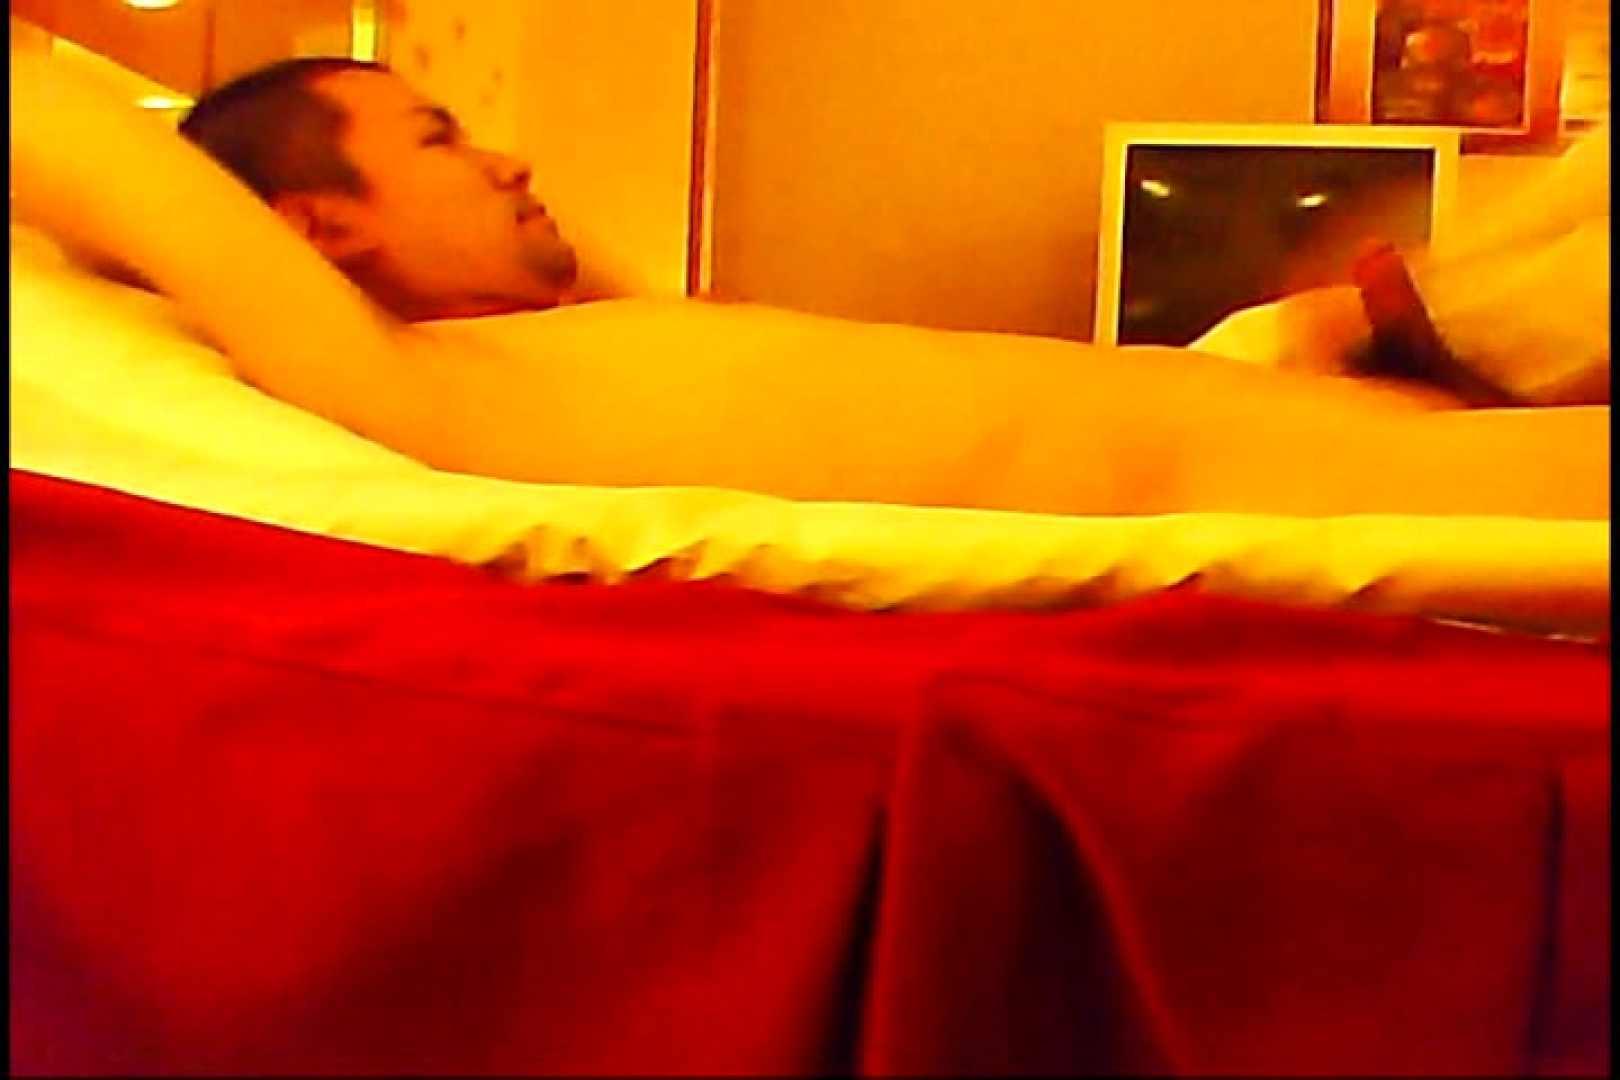 セックスフレンドVol.3 ミカ 手マン 盗撮動画紹介 76画像 39